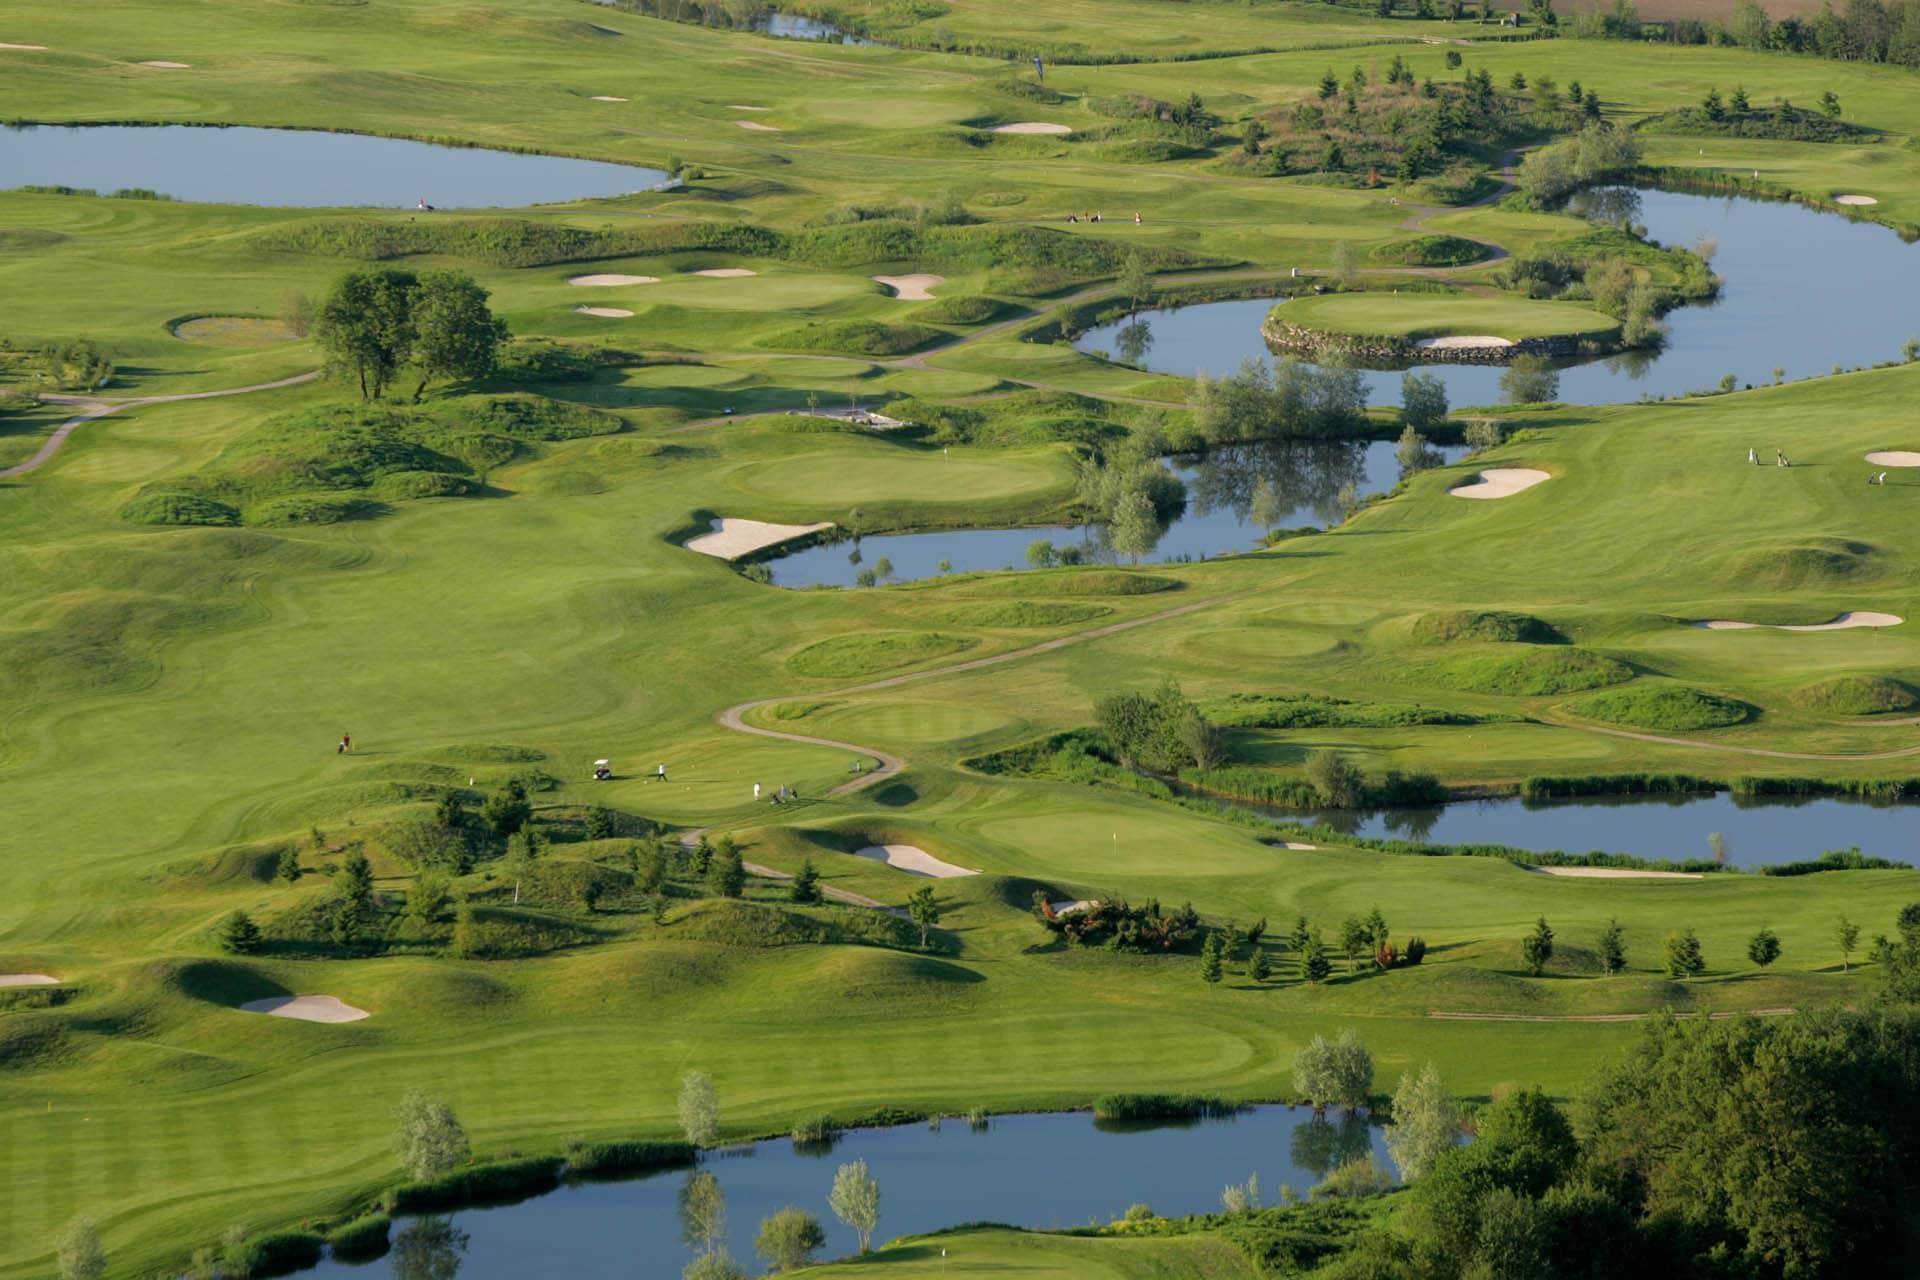 Panoramaansicht vom Golfclub Seltenheim